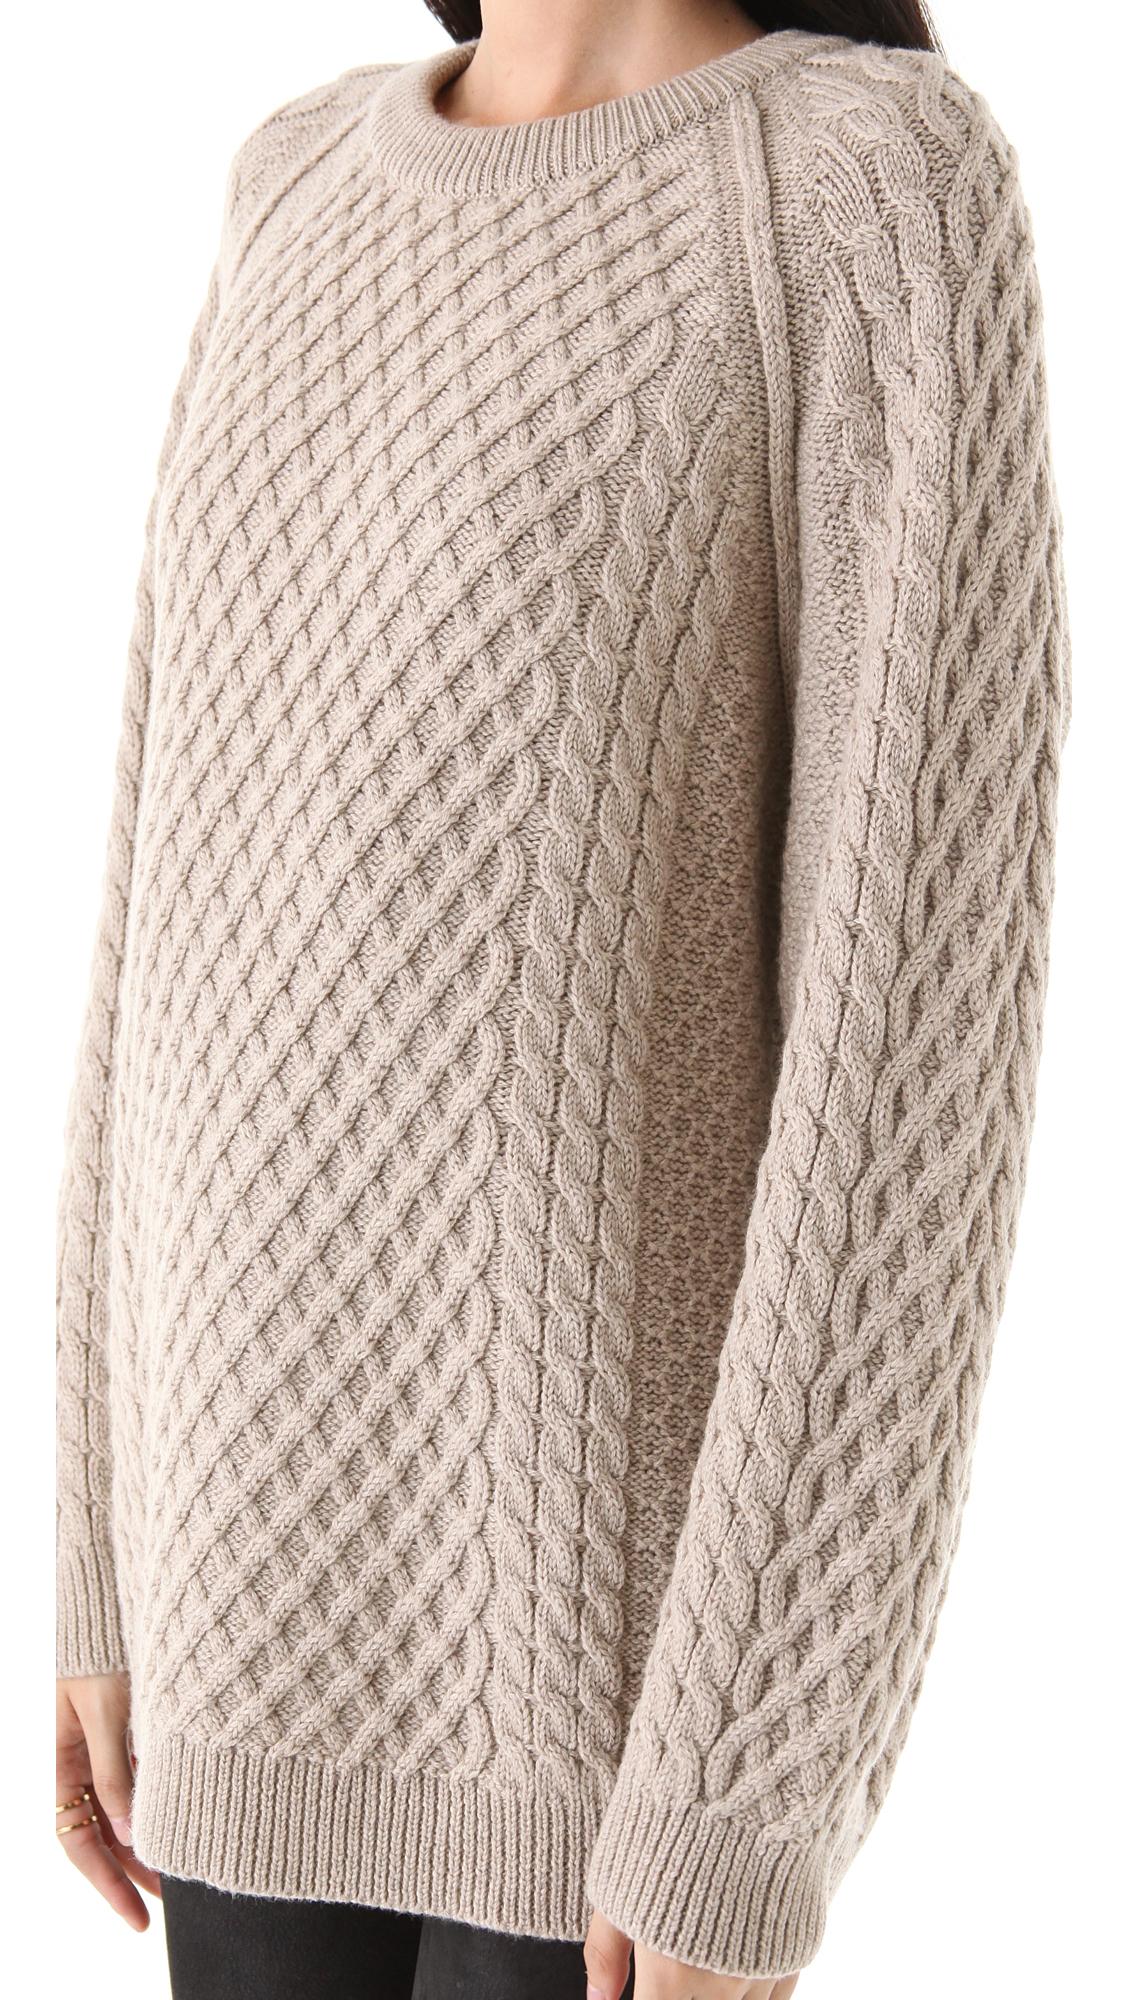 9af1250b18b Chinti and Parker Aran Sweater